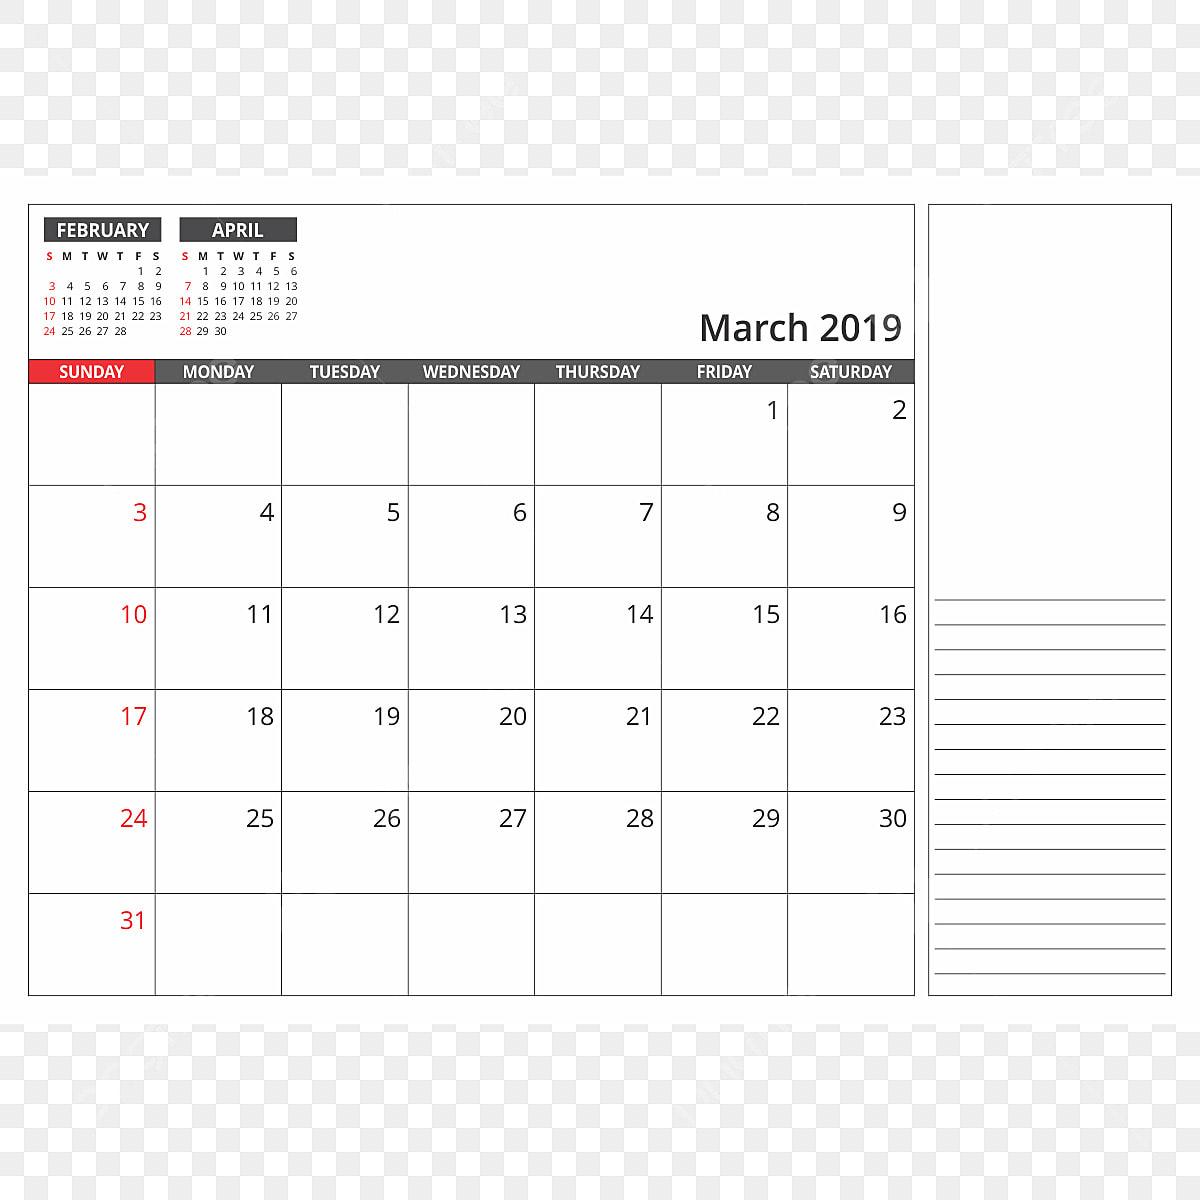 Calendrier De Mars 2019.Calendrier Mars 2019 2018 2019 Avril Png Et Vecteur Pour